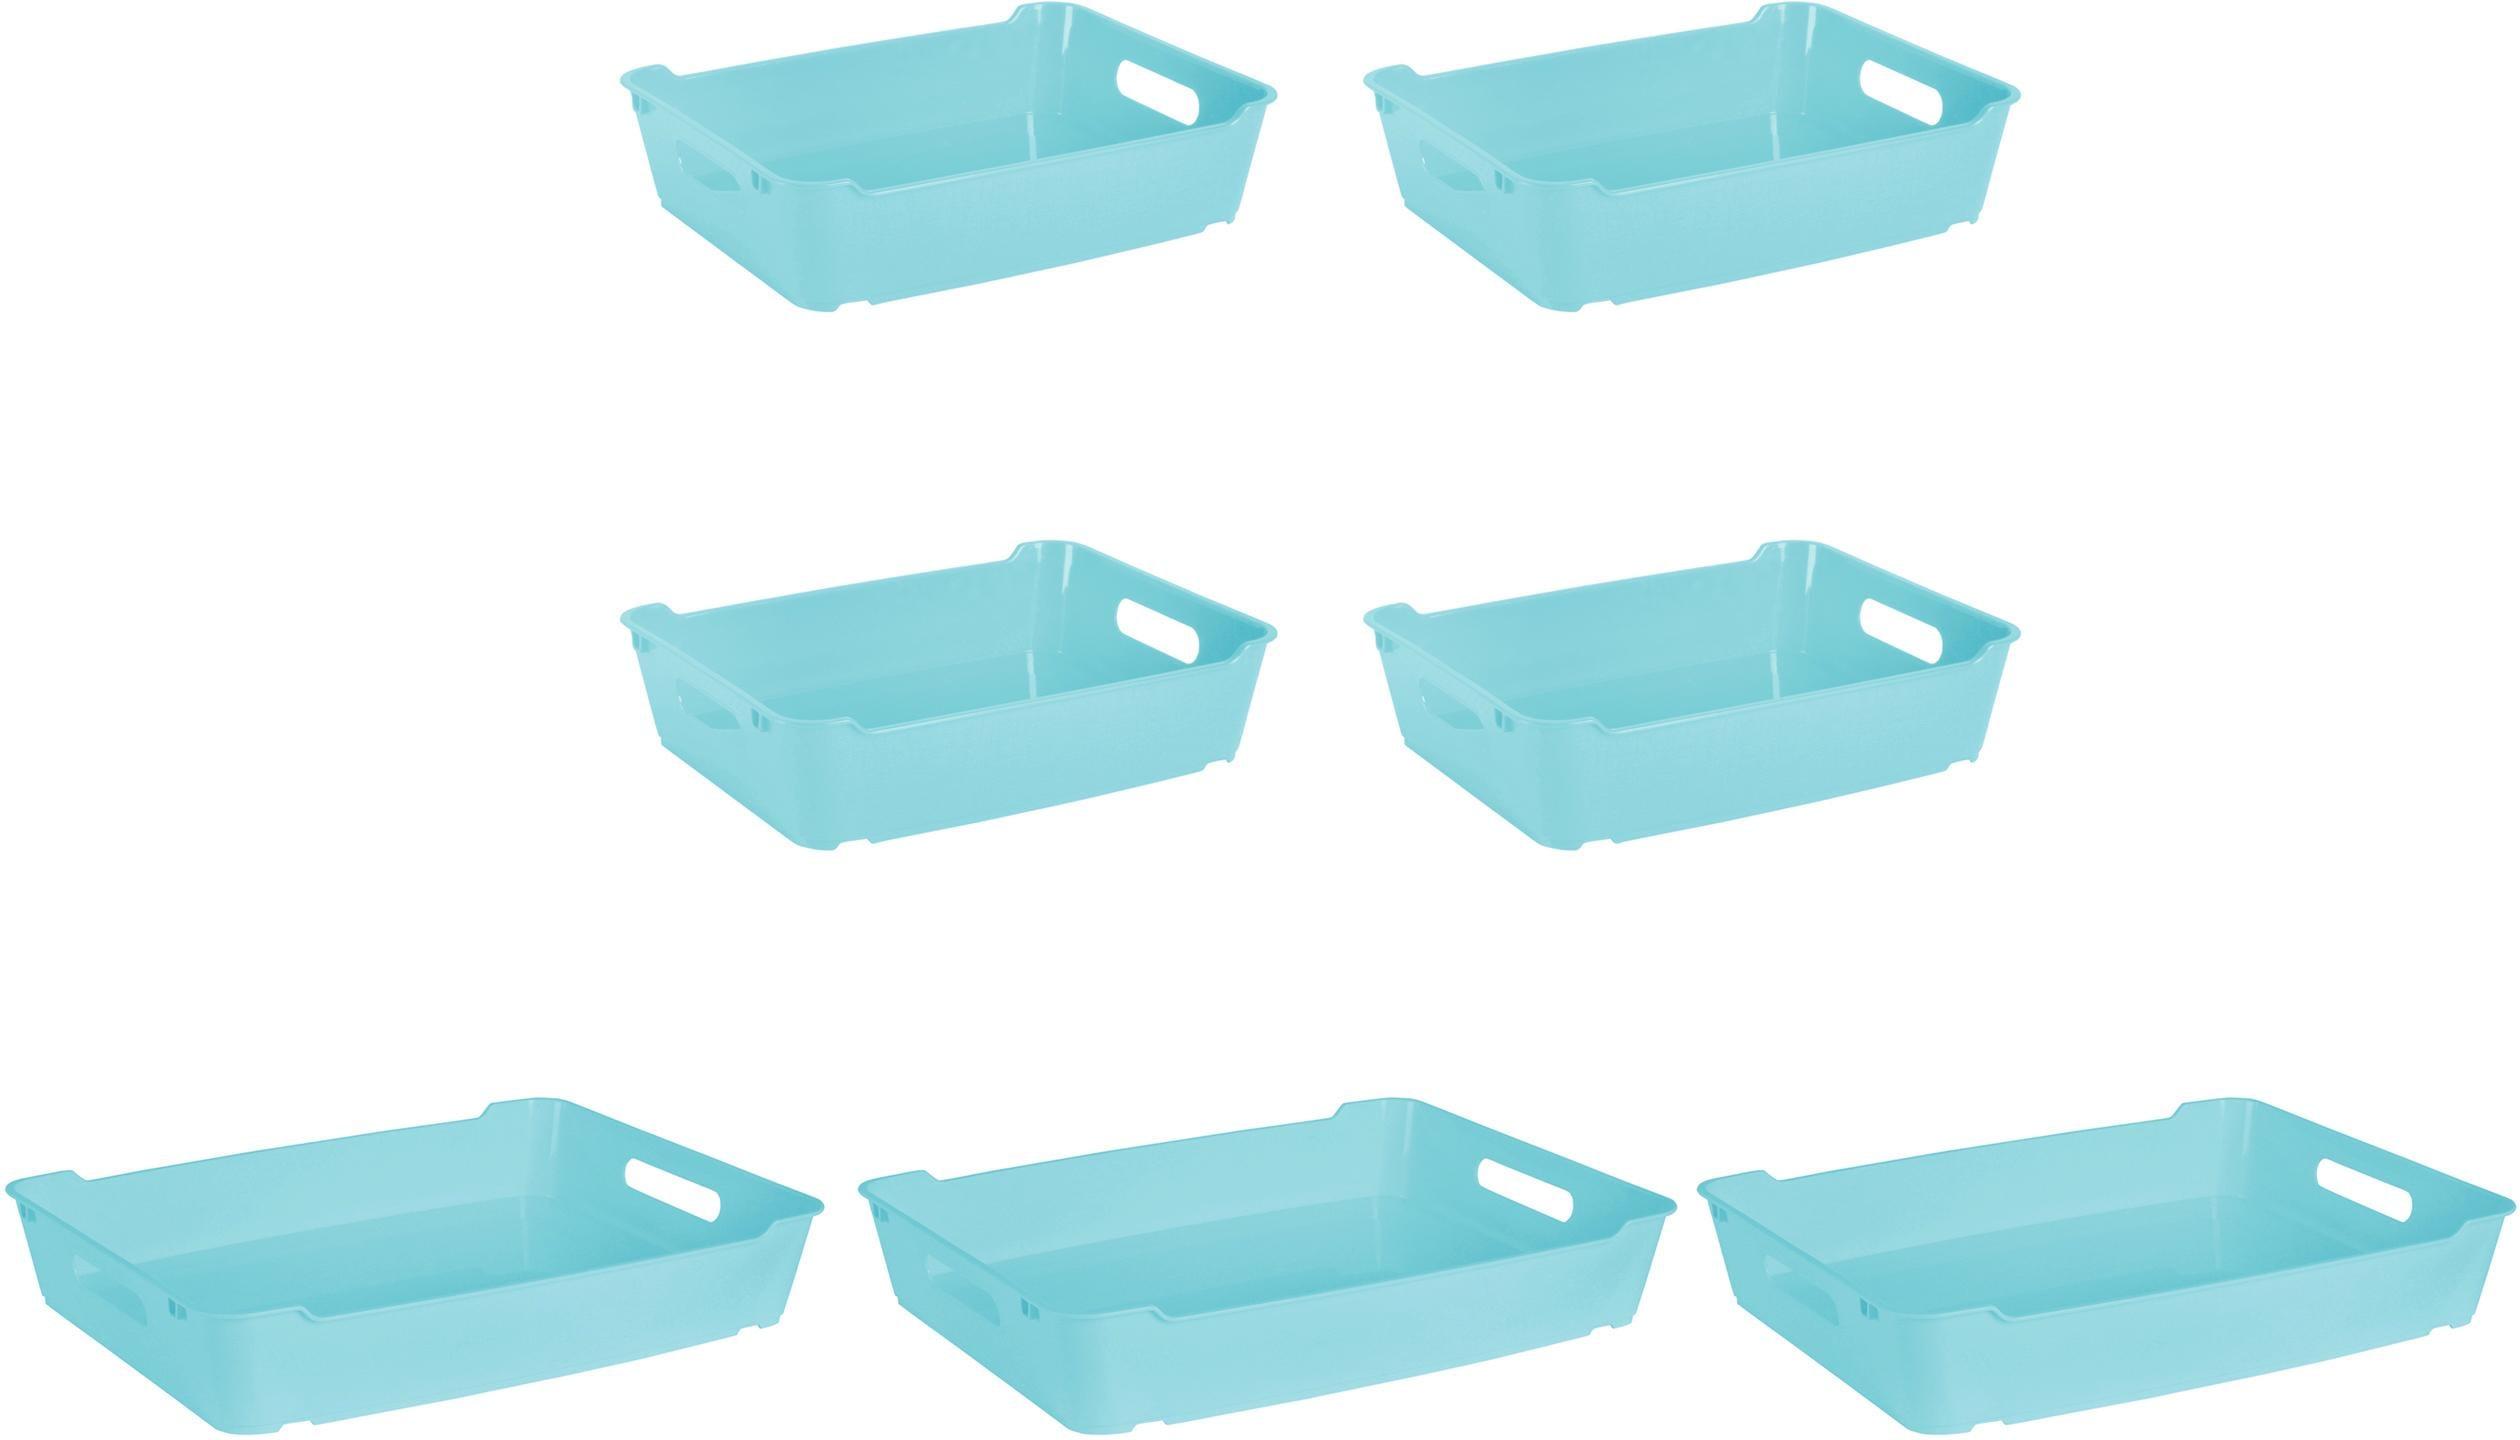 keeeper Aufbewahrungsbox lotta (Set 7 Stück) Wohnen/Möbel/Kleinmöbel/Kisten, Boxen & Körbe/Kisten und Boxen